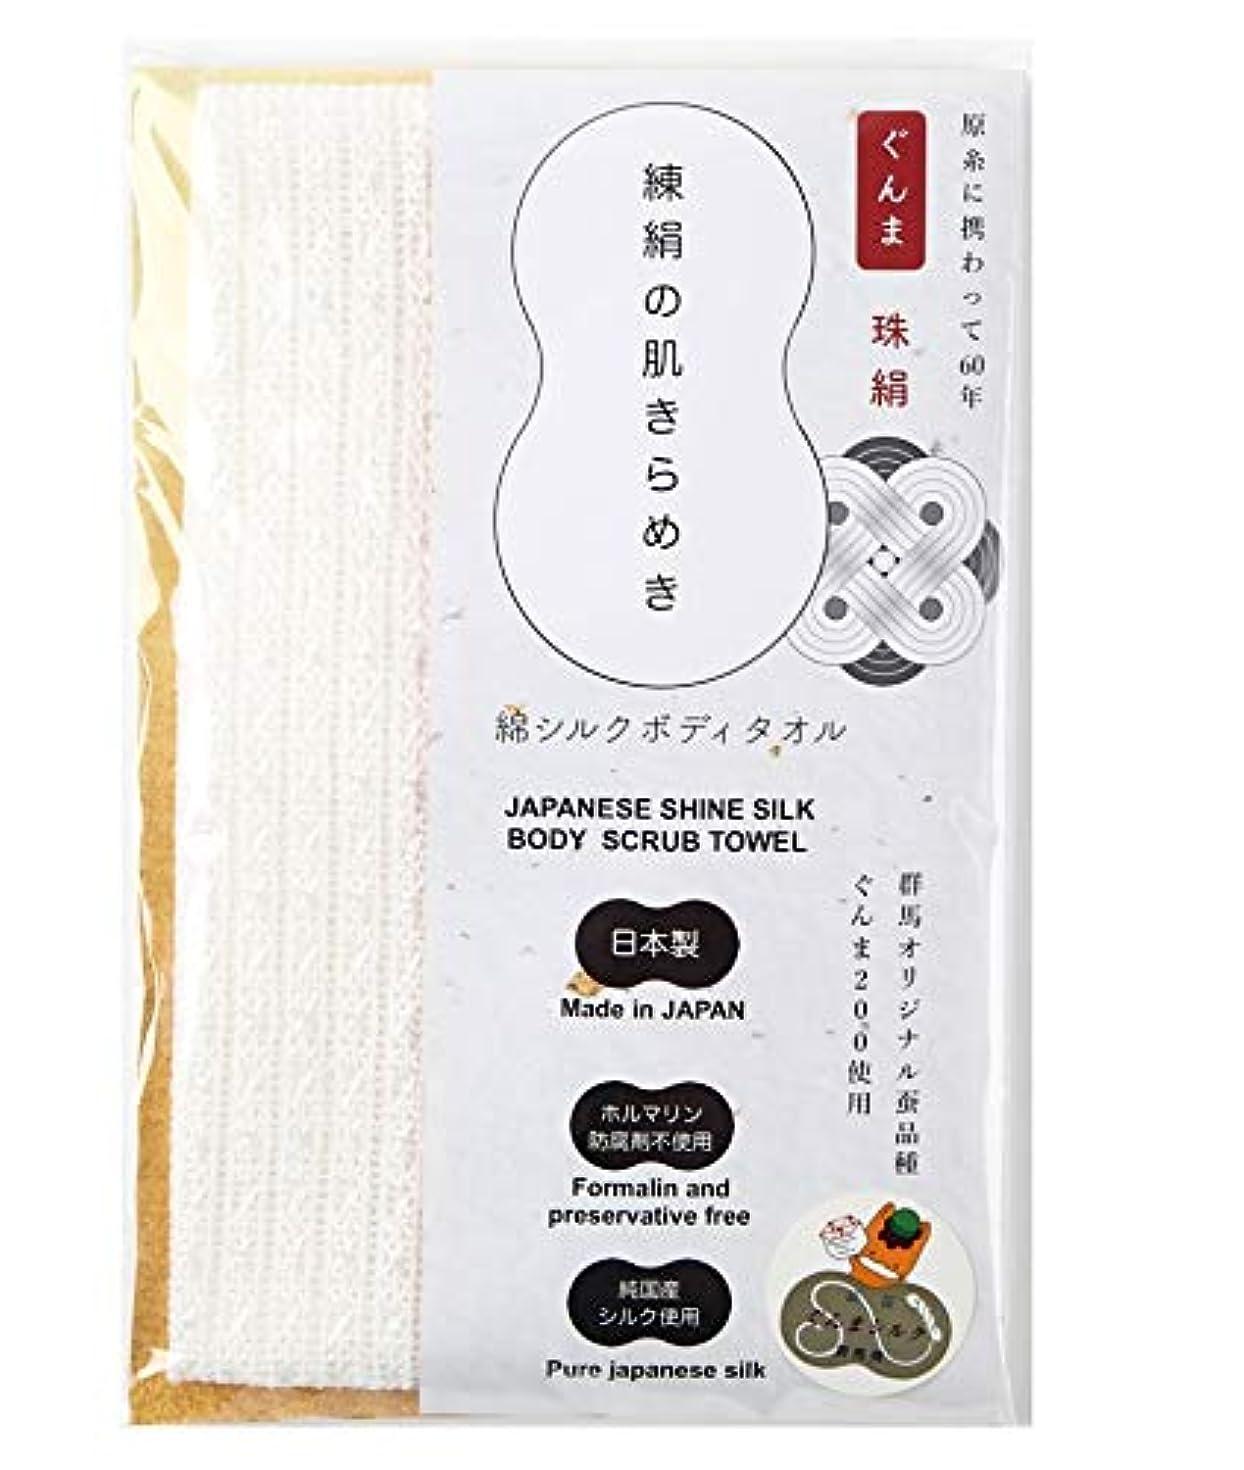 本気造船職業くーる&ほっと 珠絹(たまぎぬ) 練絹の肌きらめき 純国産絹(ぐんまシルク)使用 日本製 綿シルクボディタオル